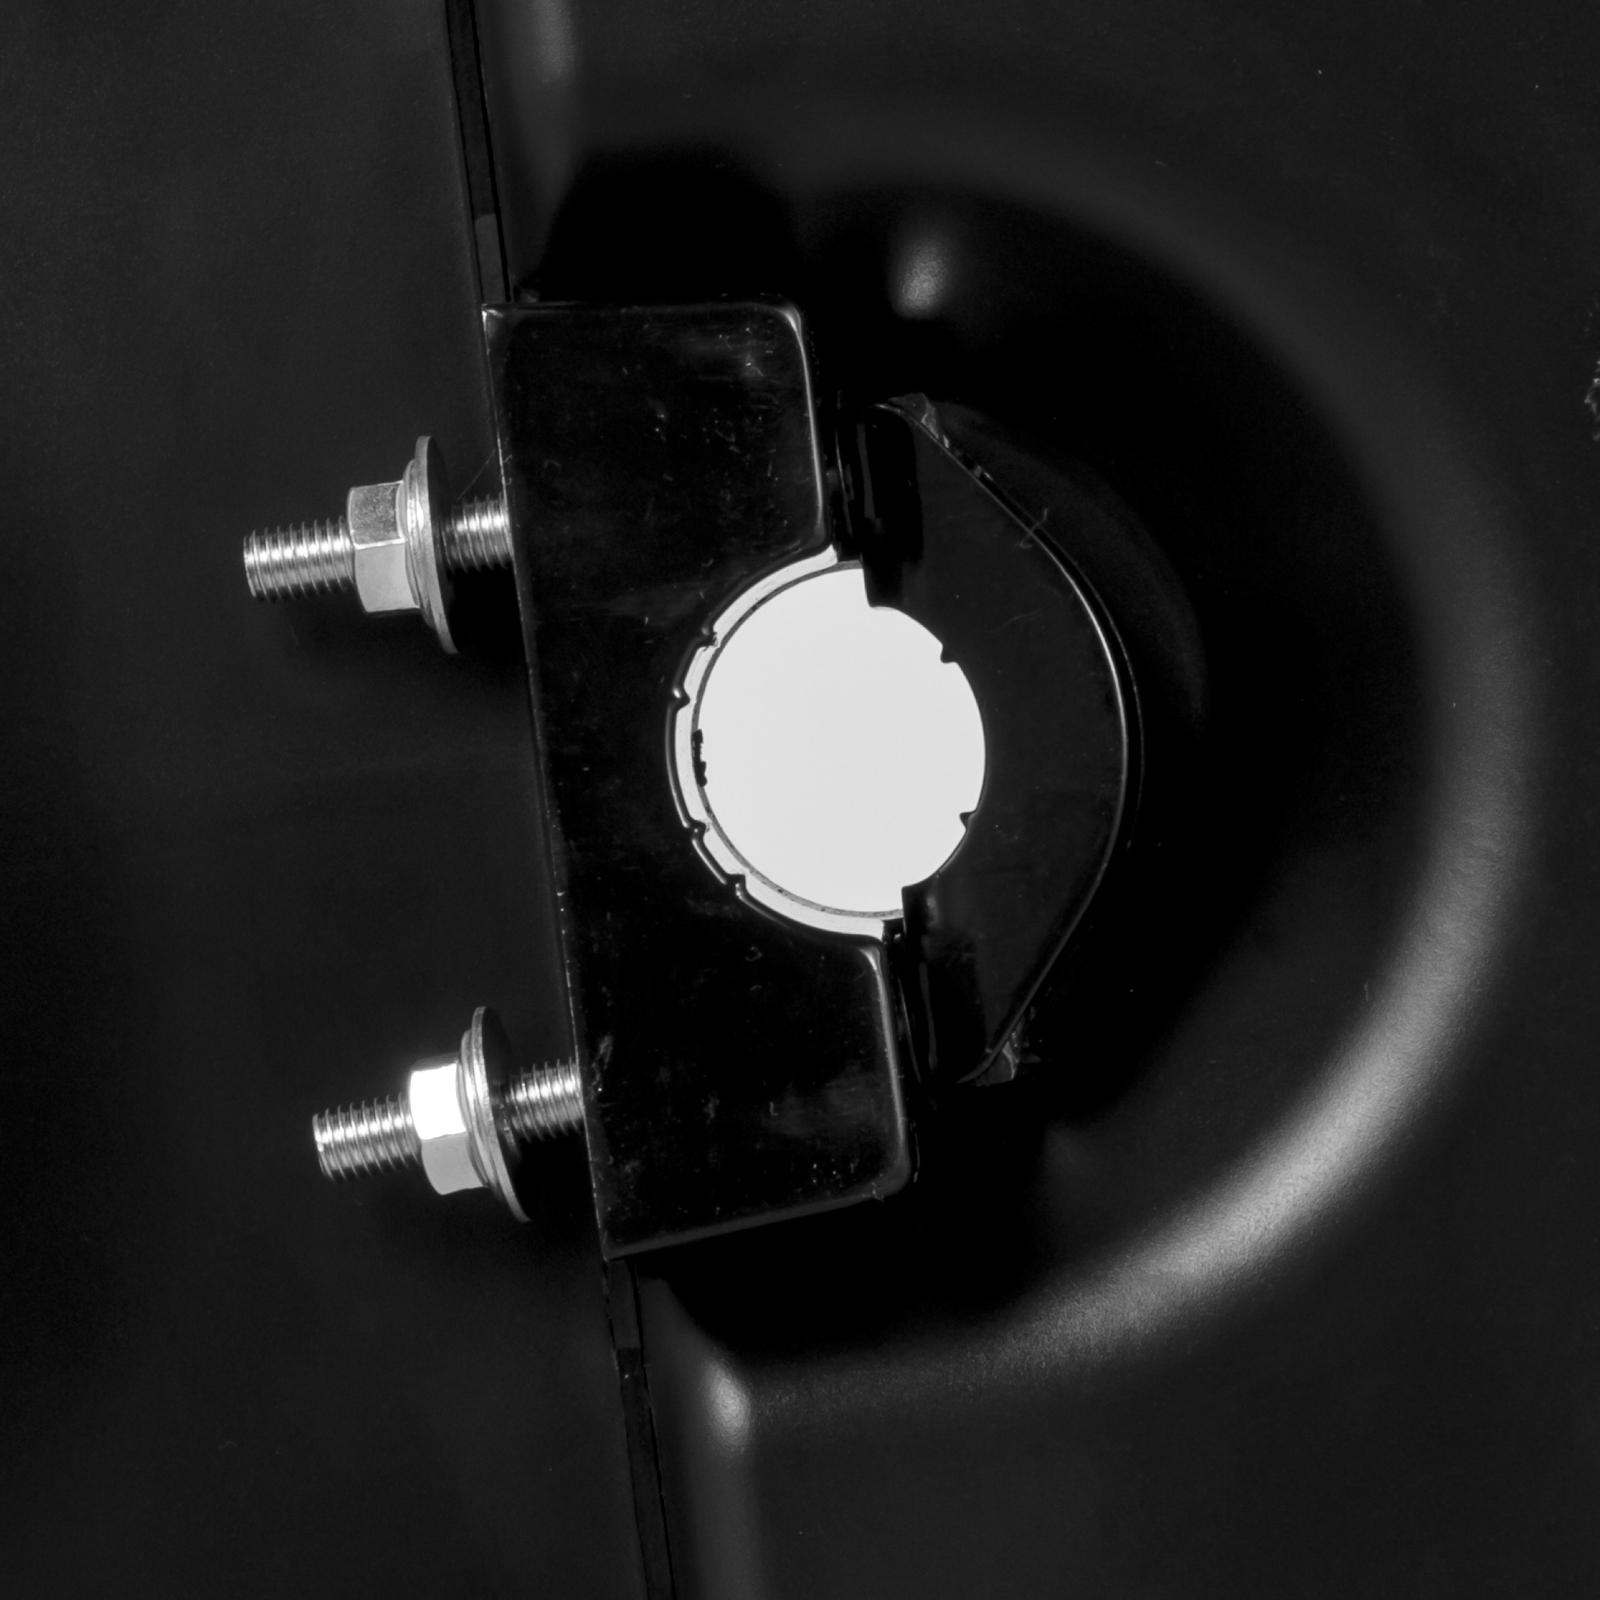 Automatic Garage Roller Remote Door Opener Quiet Reliable